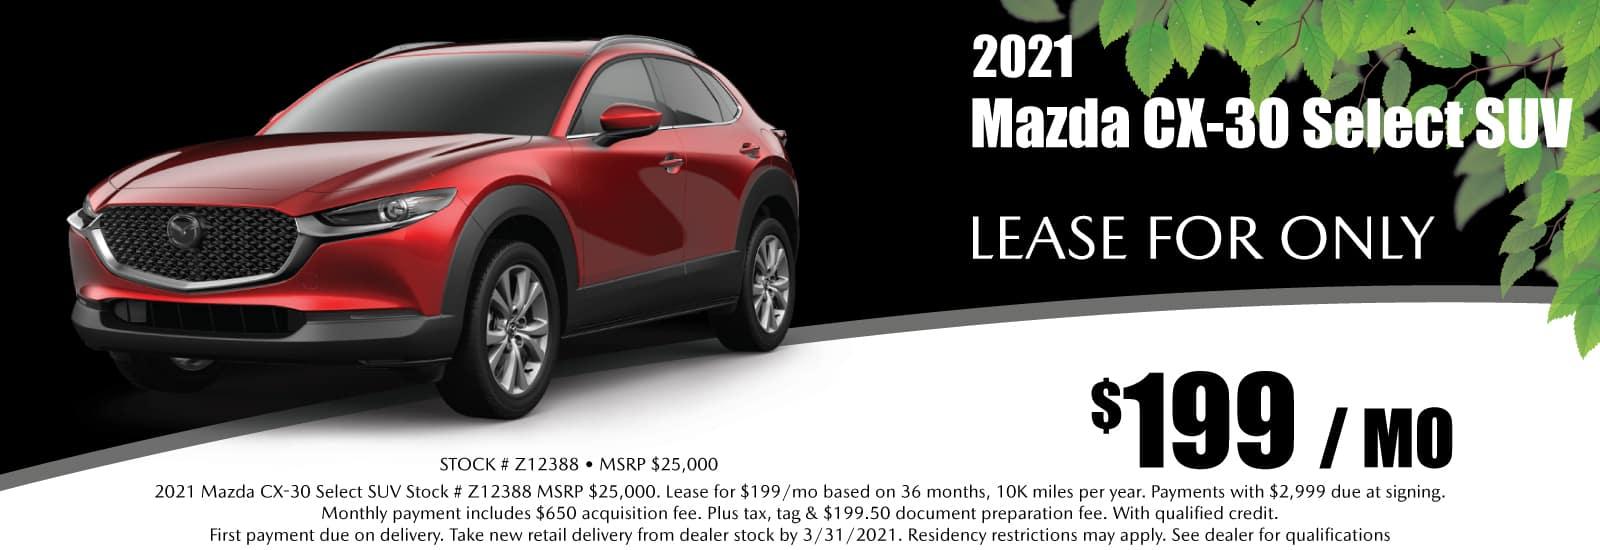 2021-Mazda-CX-30-1600×550 (1)